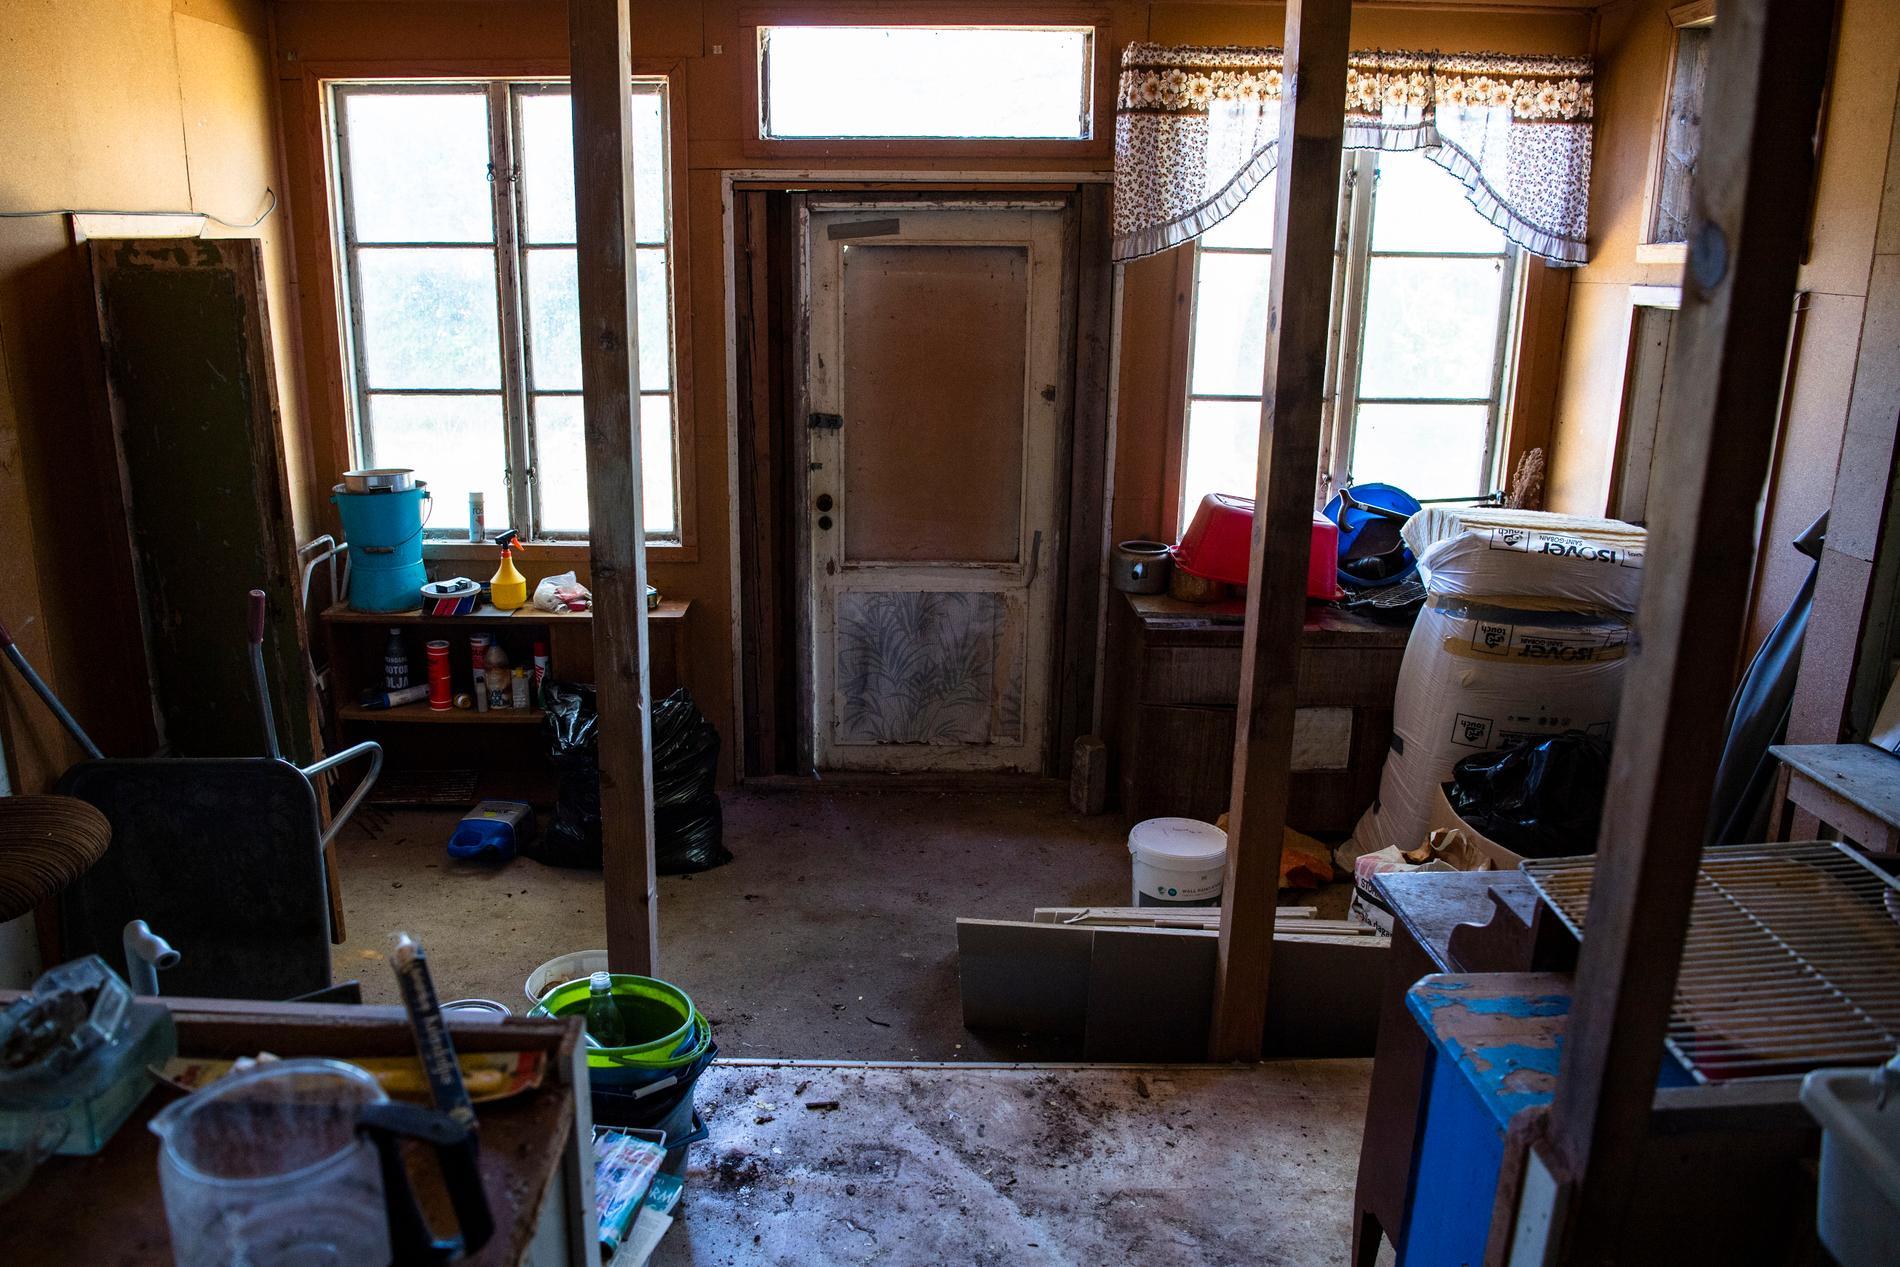 Huset har omfattande renoveringsbehov, men mäklaren Peter Tumegård är övertygad om att det kommer att säljas dyrt.